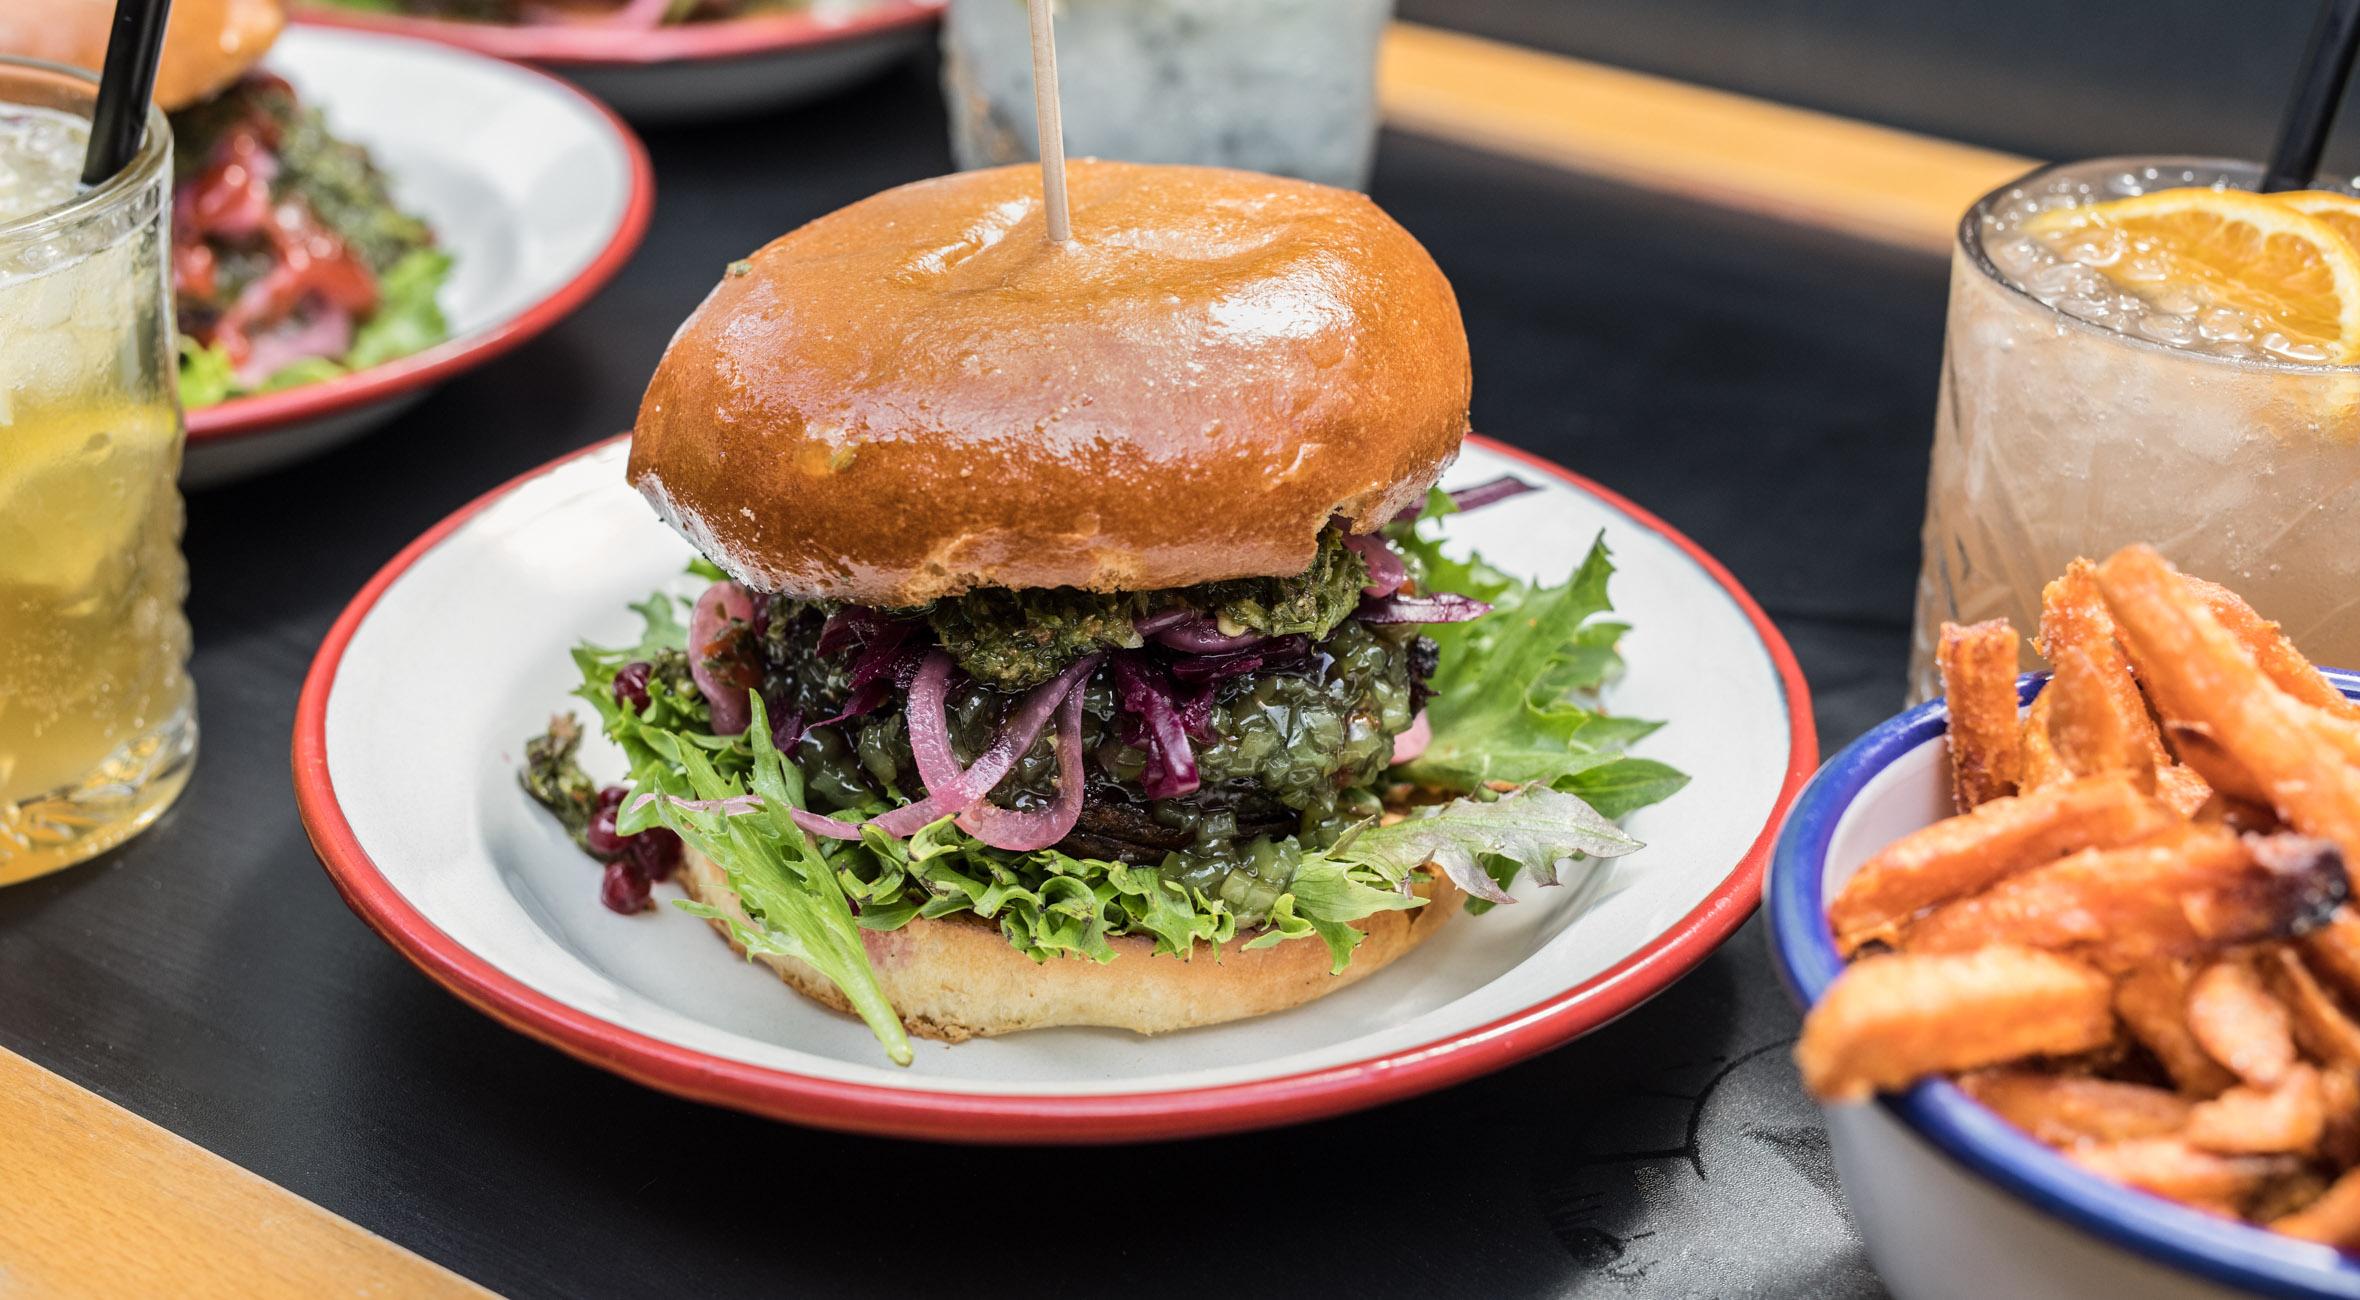 Frit valg til alt hos hippe Brazaria – Åbent grill-køkken byder på burgere, steaks, øko-vine, cocktails, special-øl og Torvehallernes største udendørsservering